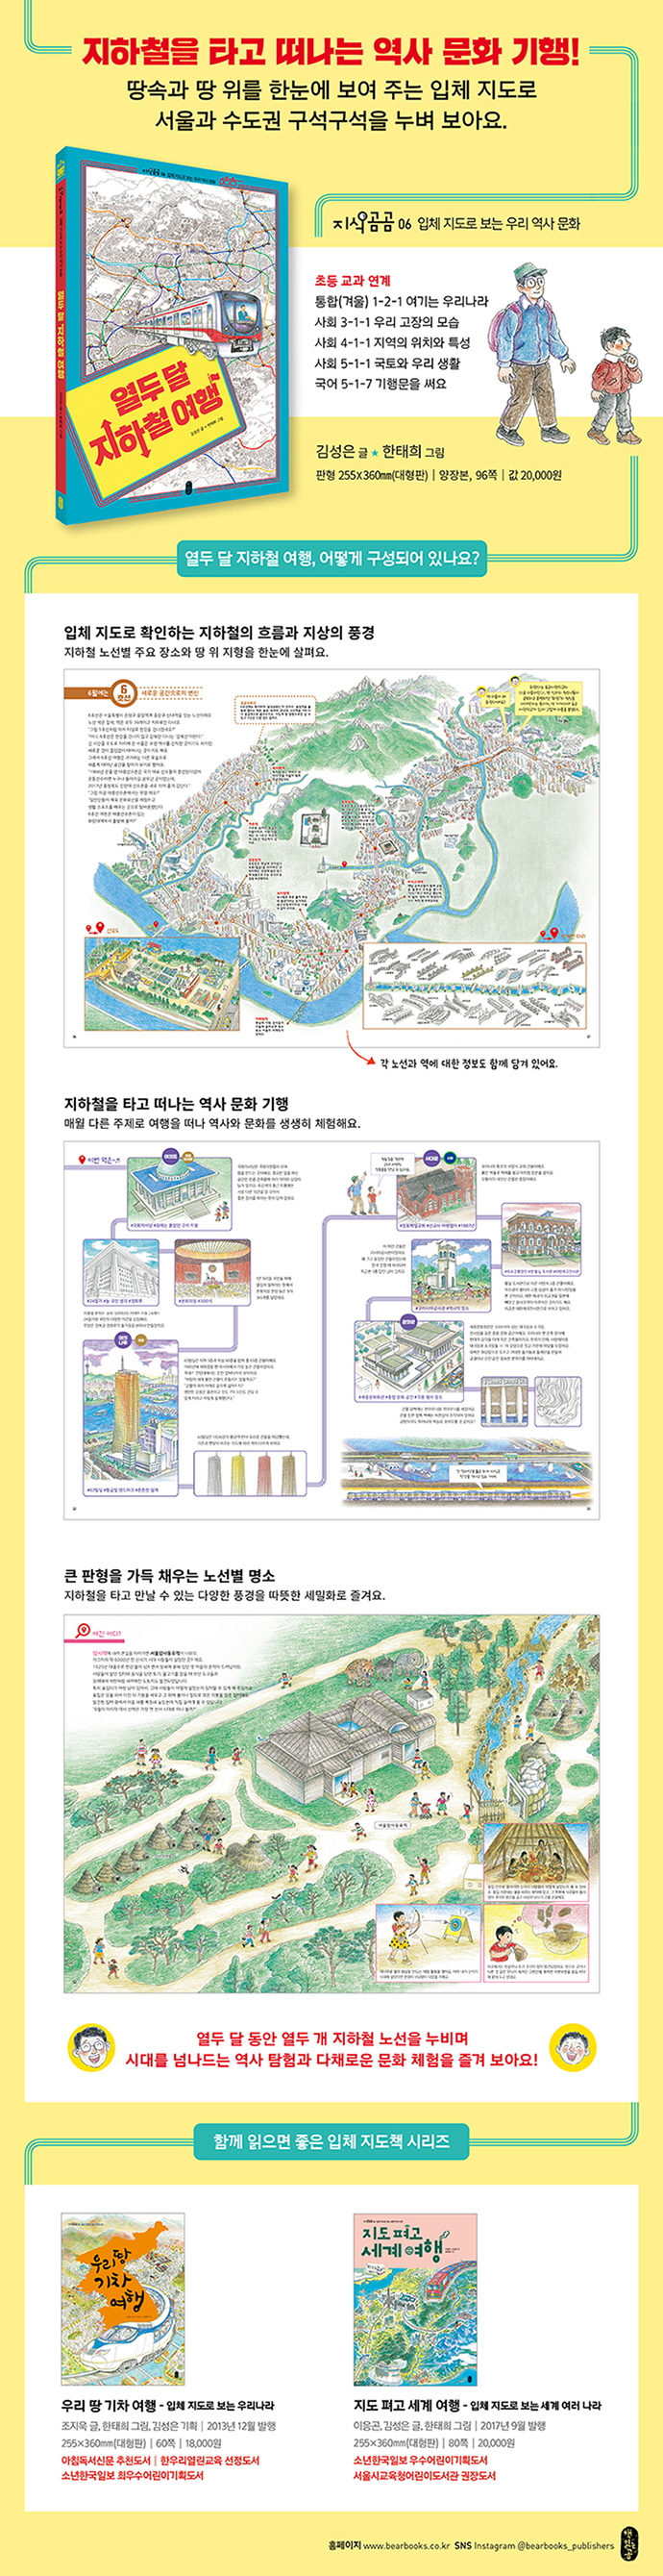 열두 달 지하철 여행(지식곰곰 6)(양장본 HardCover) 도서 상세이미지